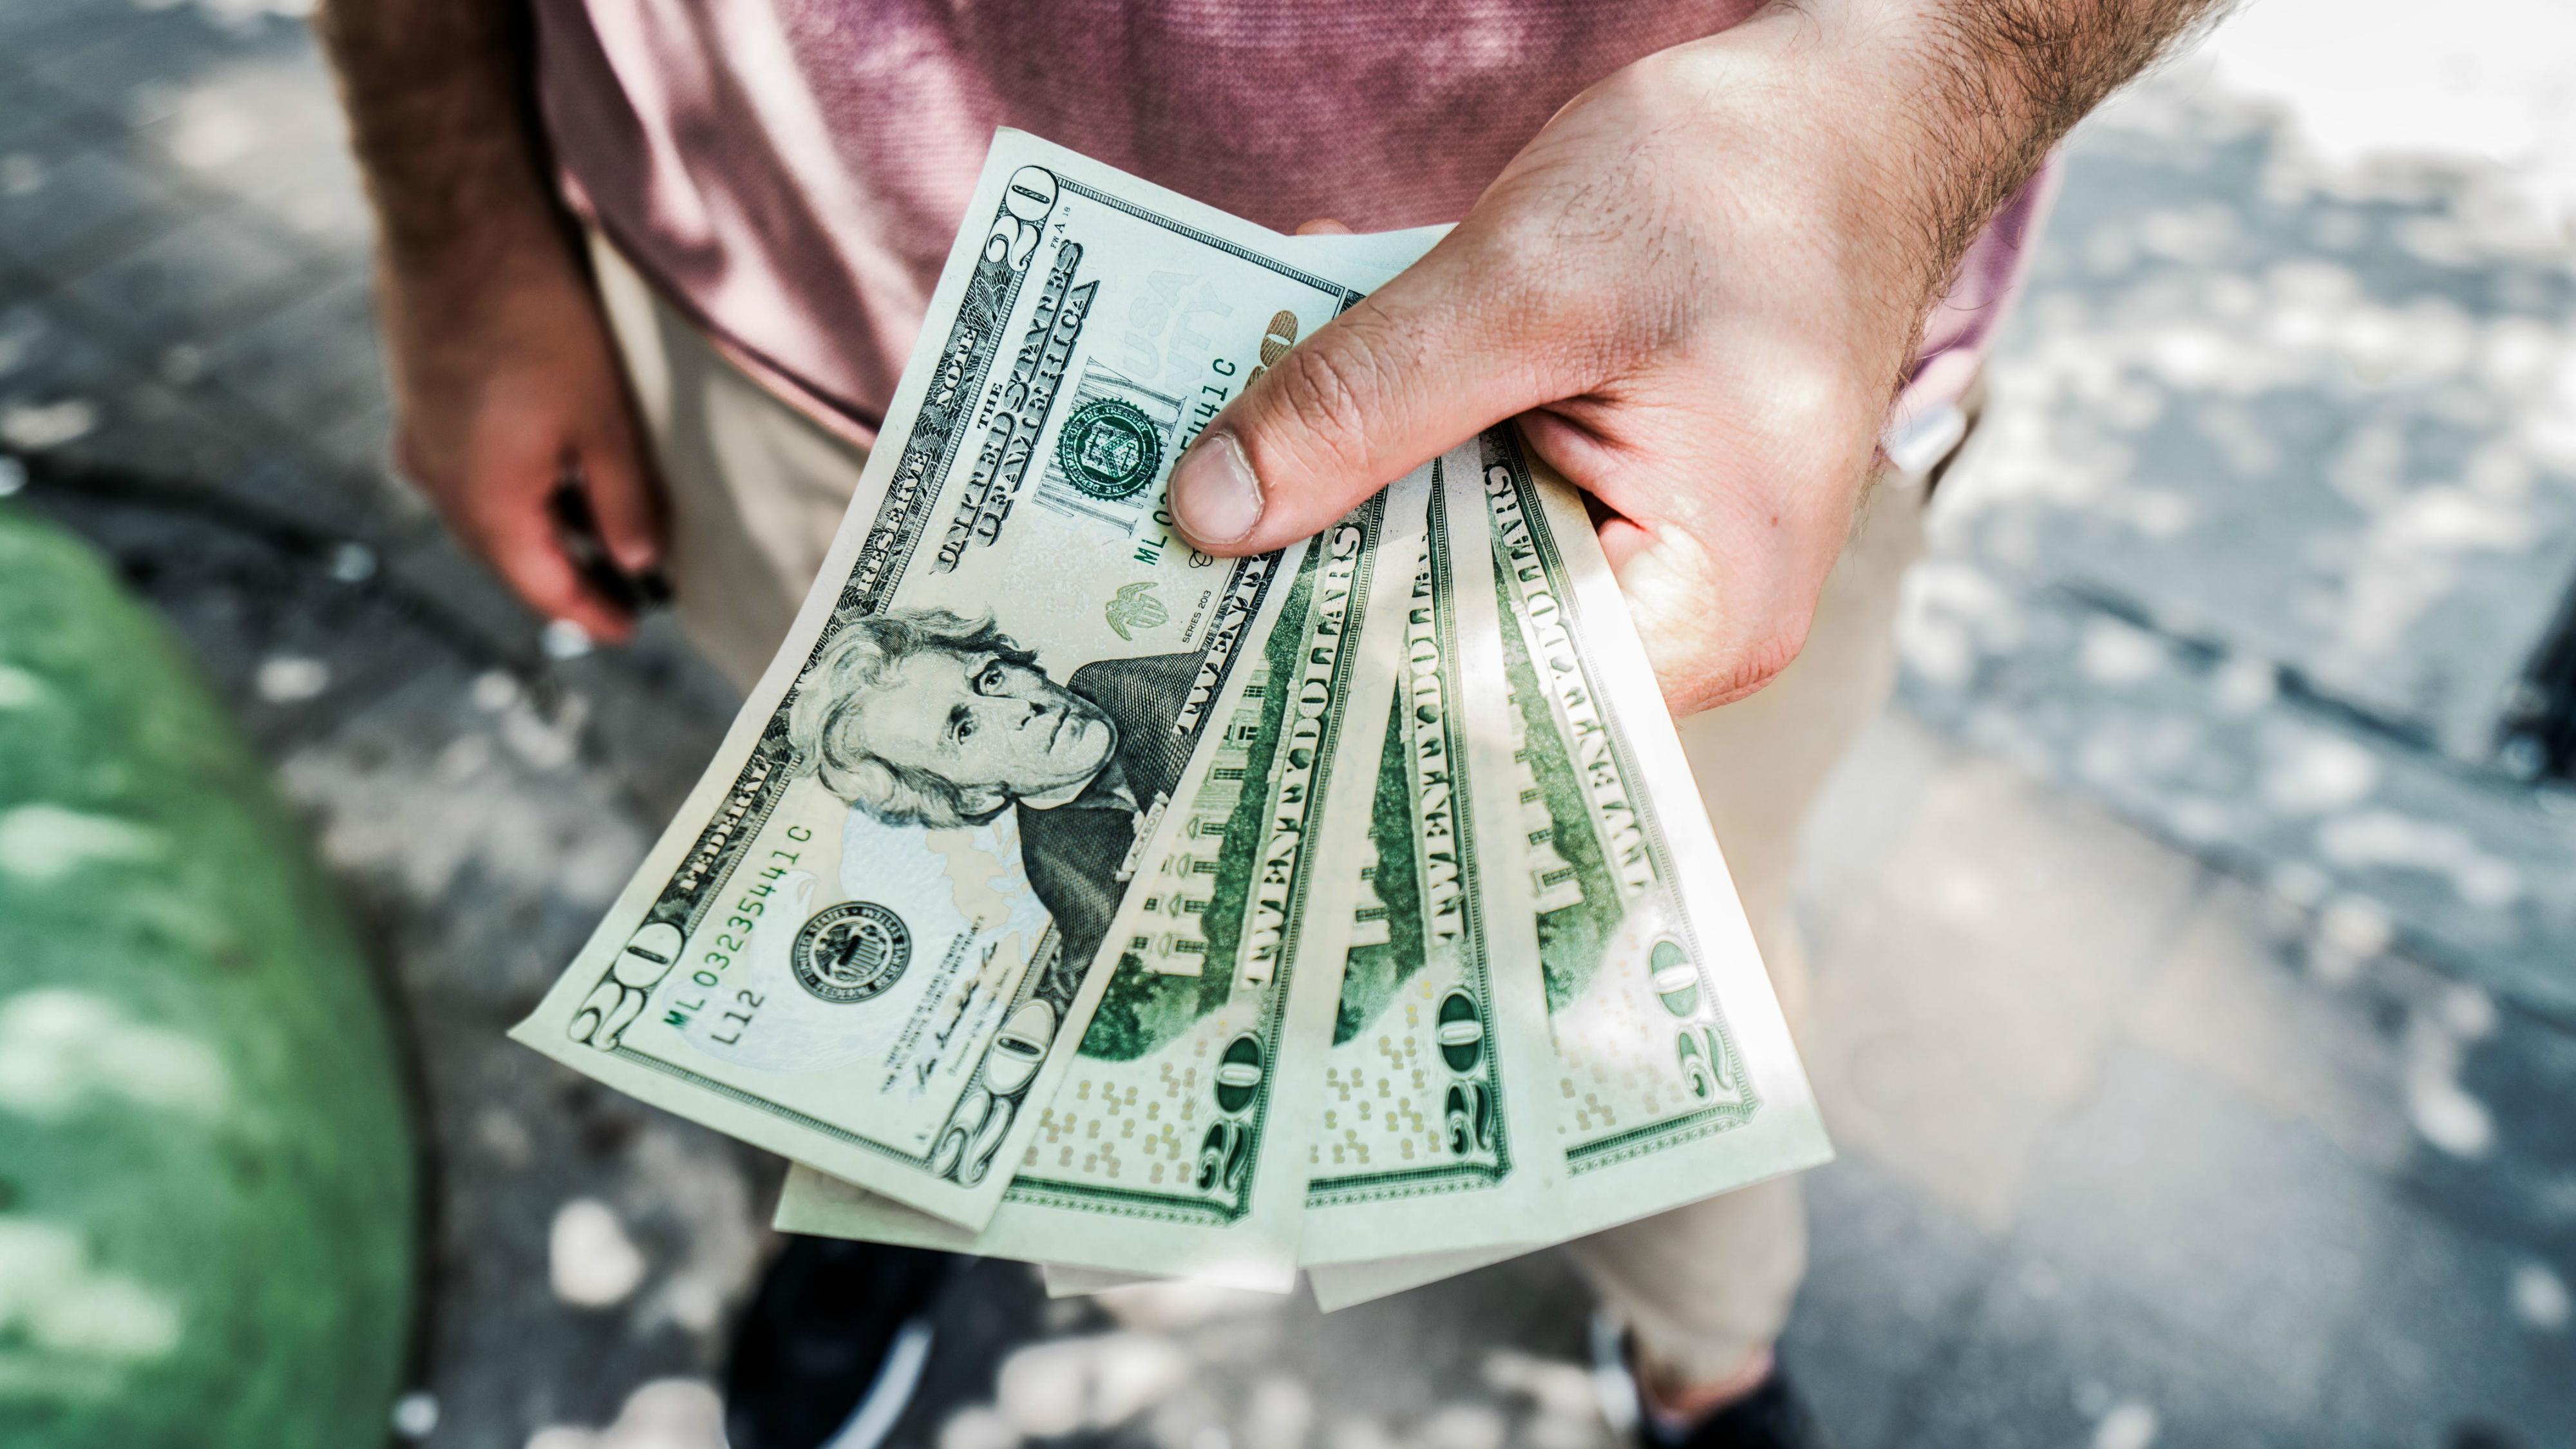 atrast darbu ātri naudu